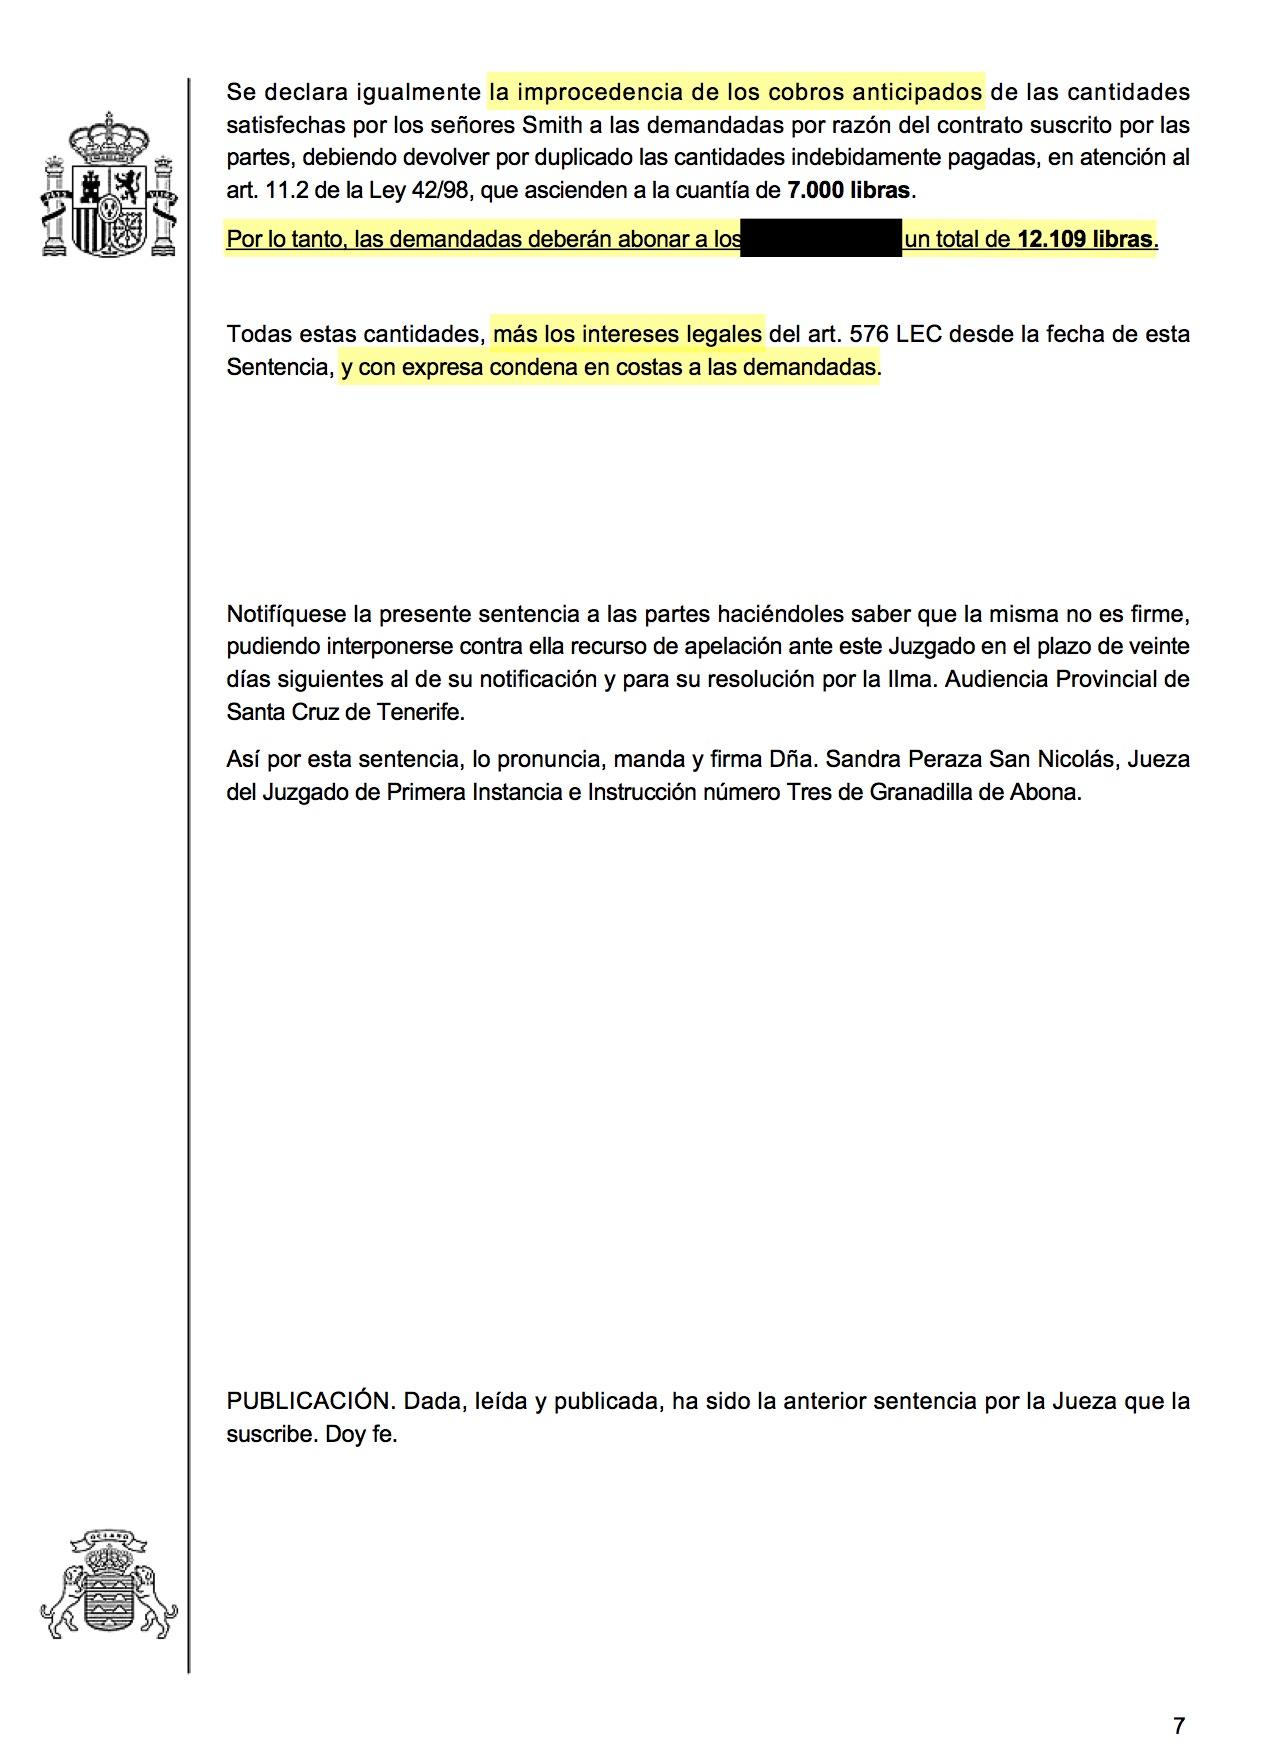 18-03-09 GOODWIN-SMITH. Sentencia de Primera Instancia. Granadilla3. Estimatoria integra, con efectos, anticipos y costas legales 3.jpg